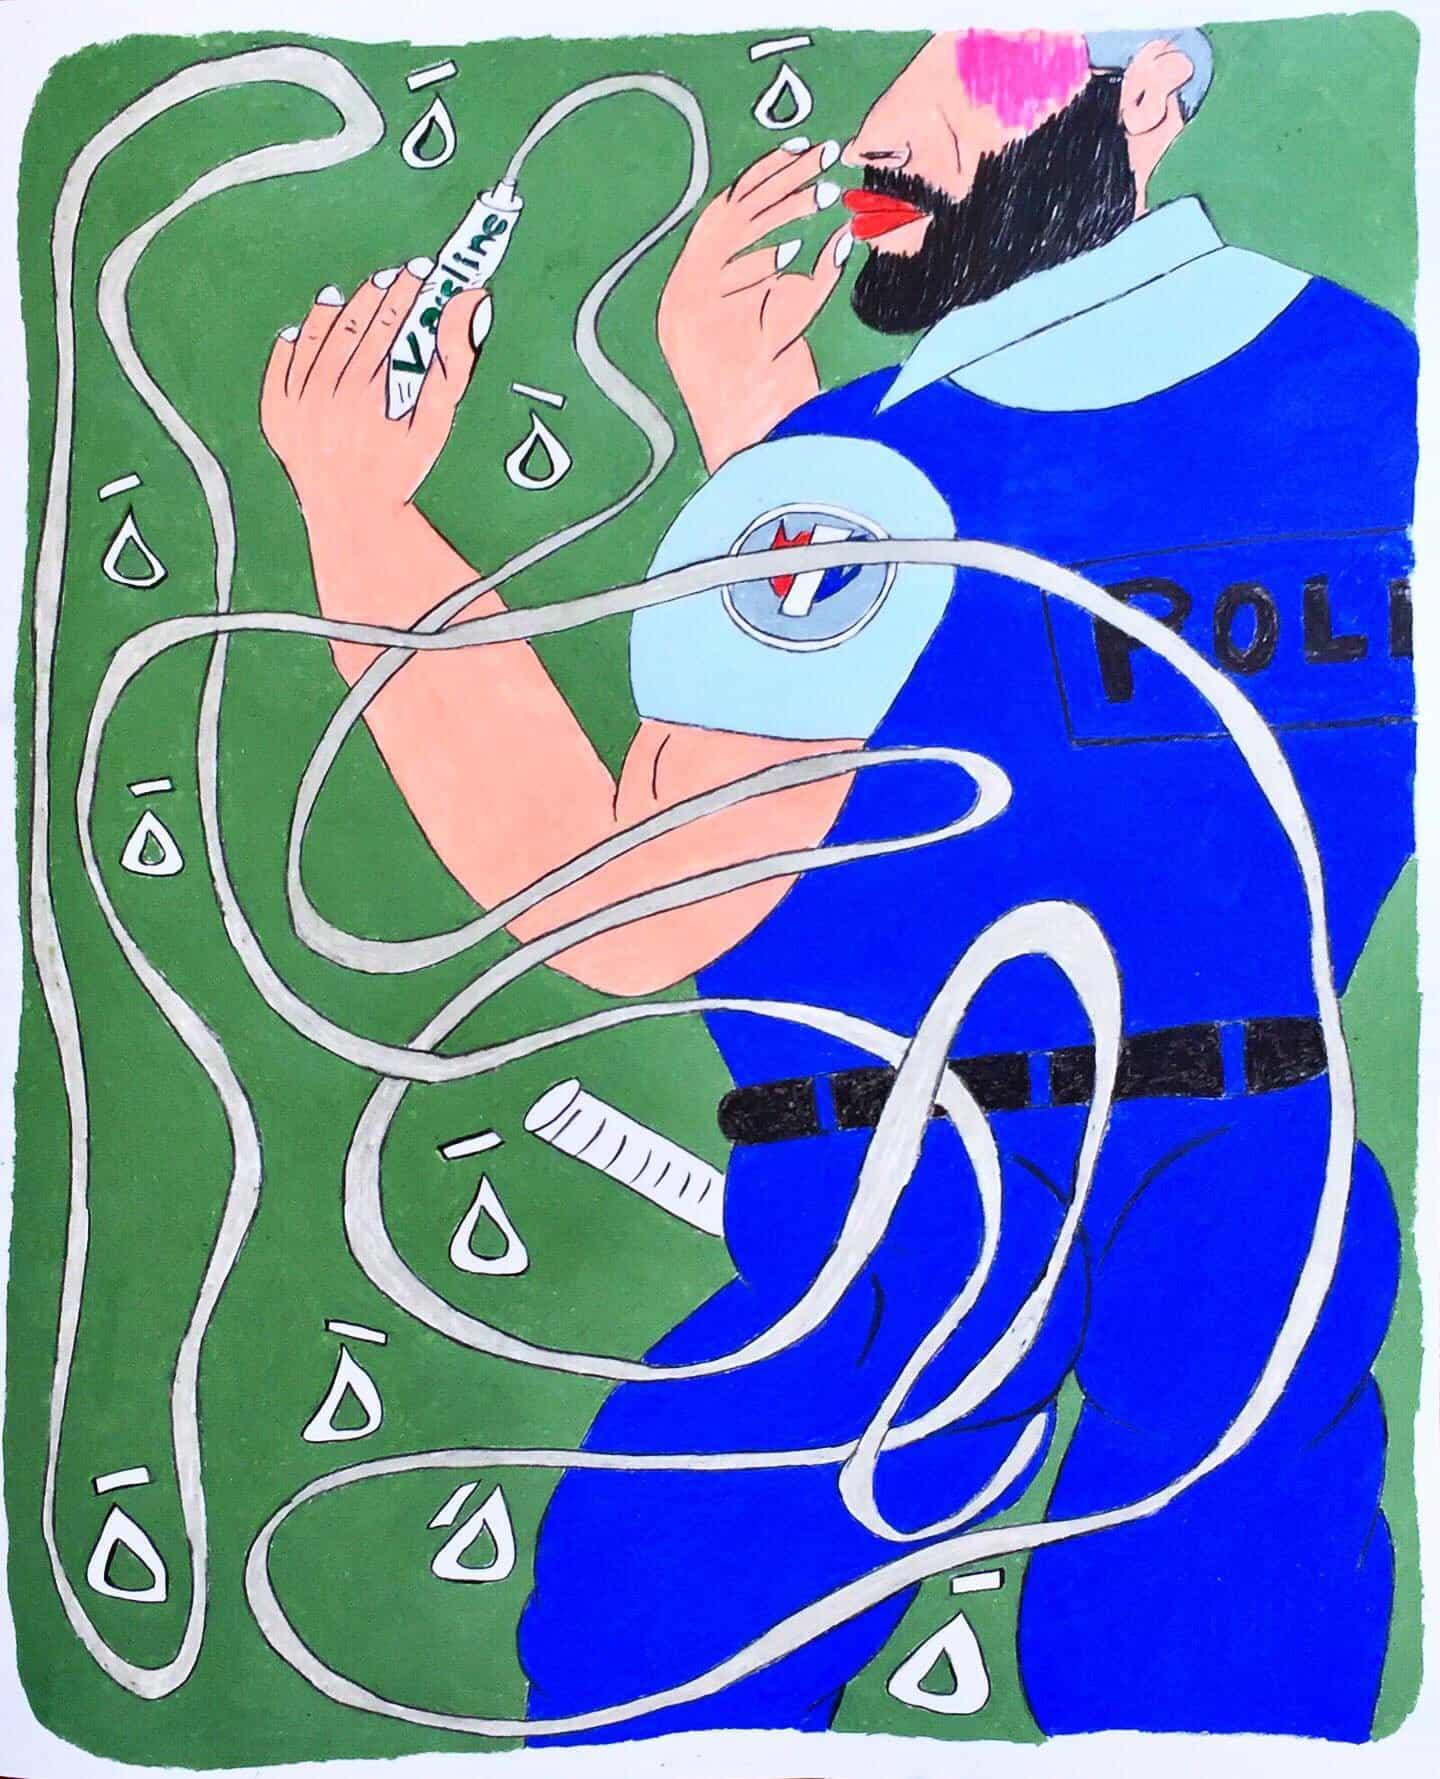 Soufiane Ababri regresa con dibujos más carga política y explícitas